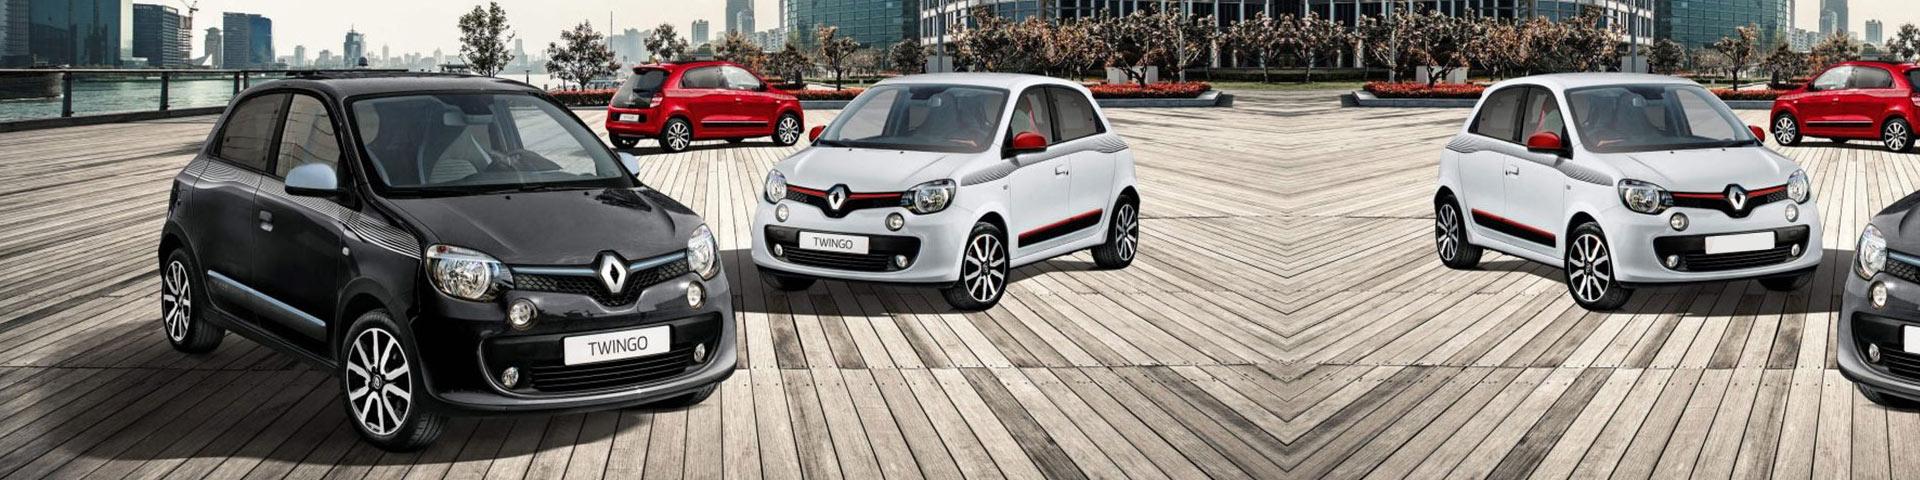 Renault Twingo Chic Angebote im Autozentrum P&A-Preckel